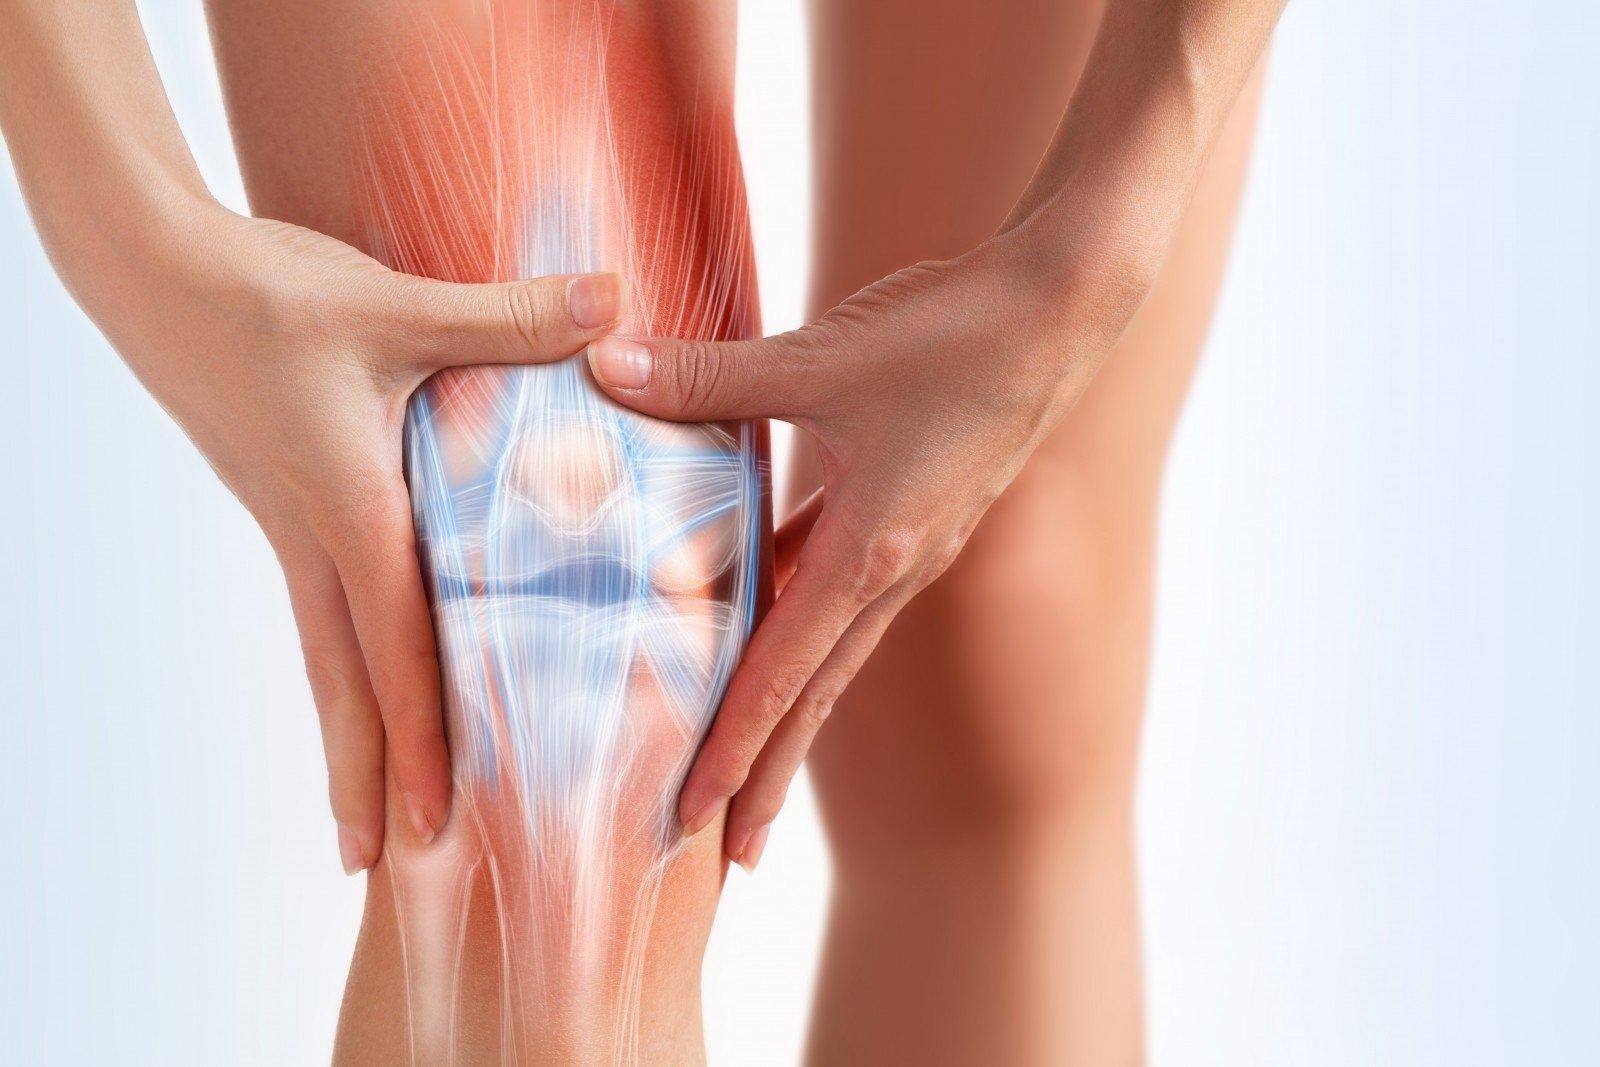 artrozė klubo gydymas liaudies gynimo gydymas artrozė rankas namuose